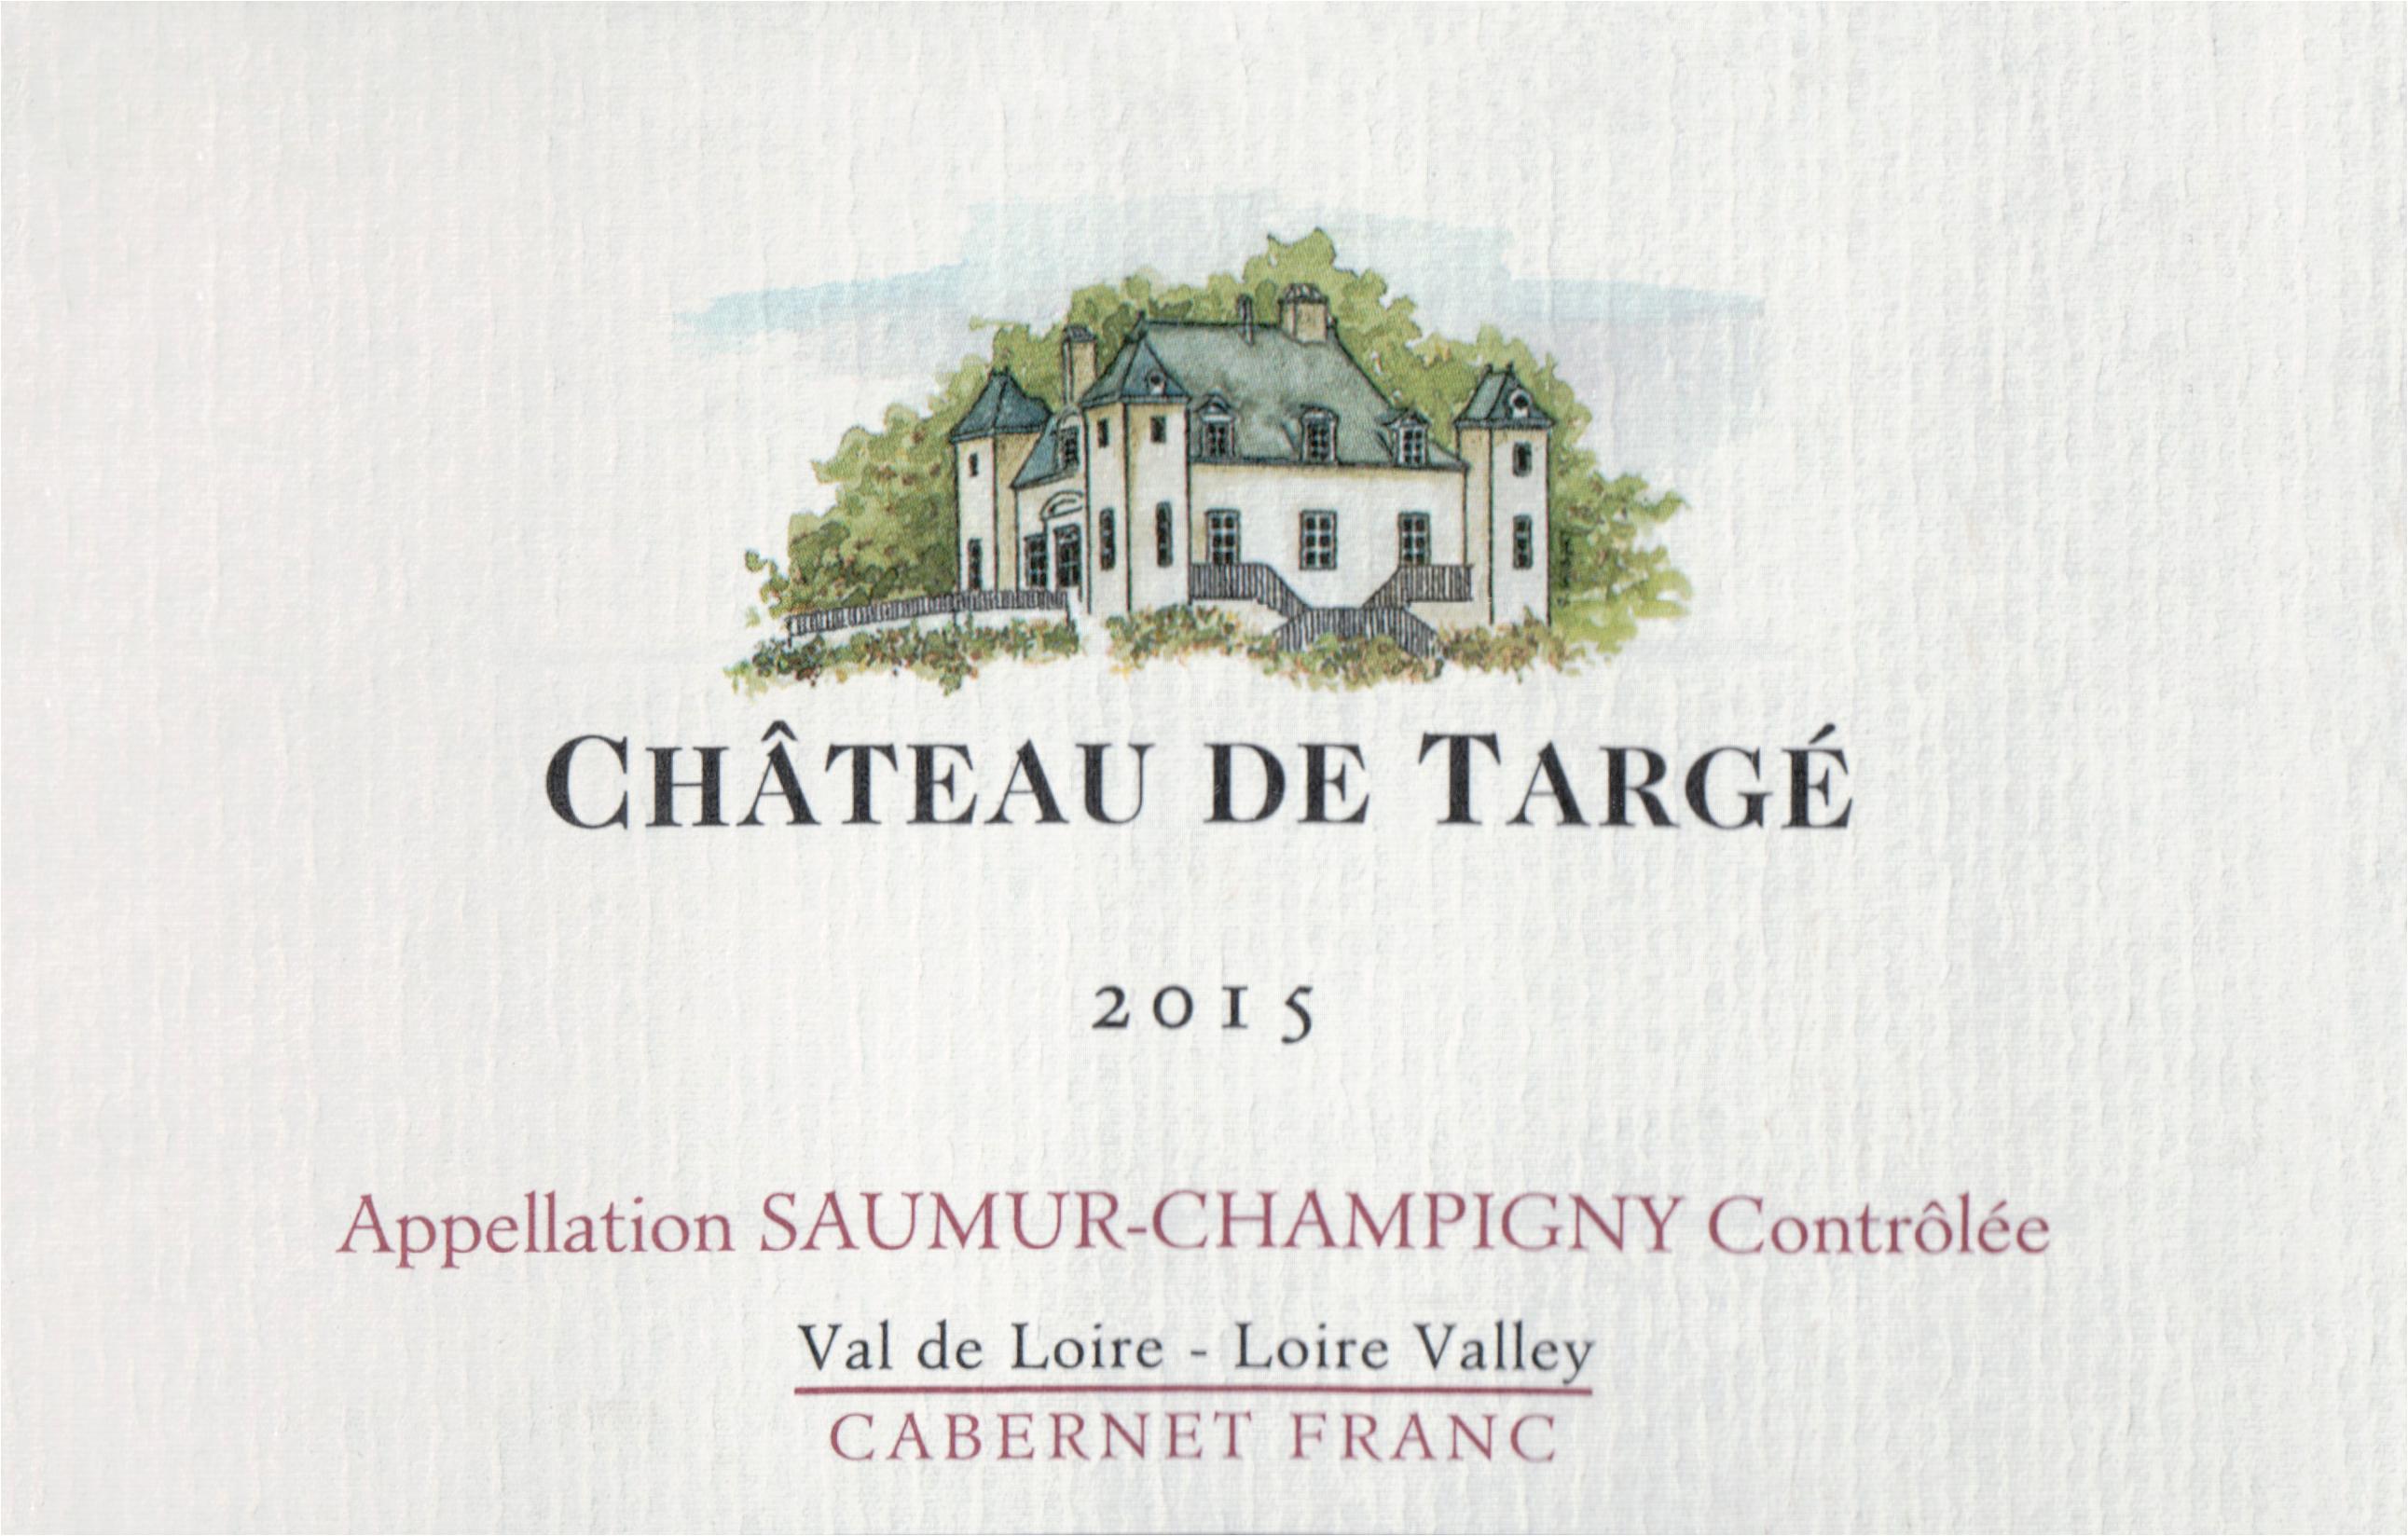 Chateau De Targe Saumur Champigny 2015